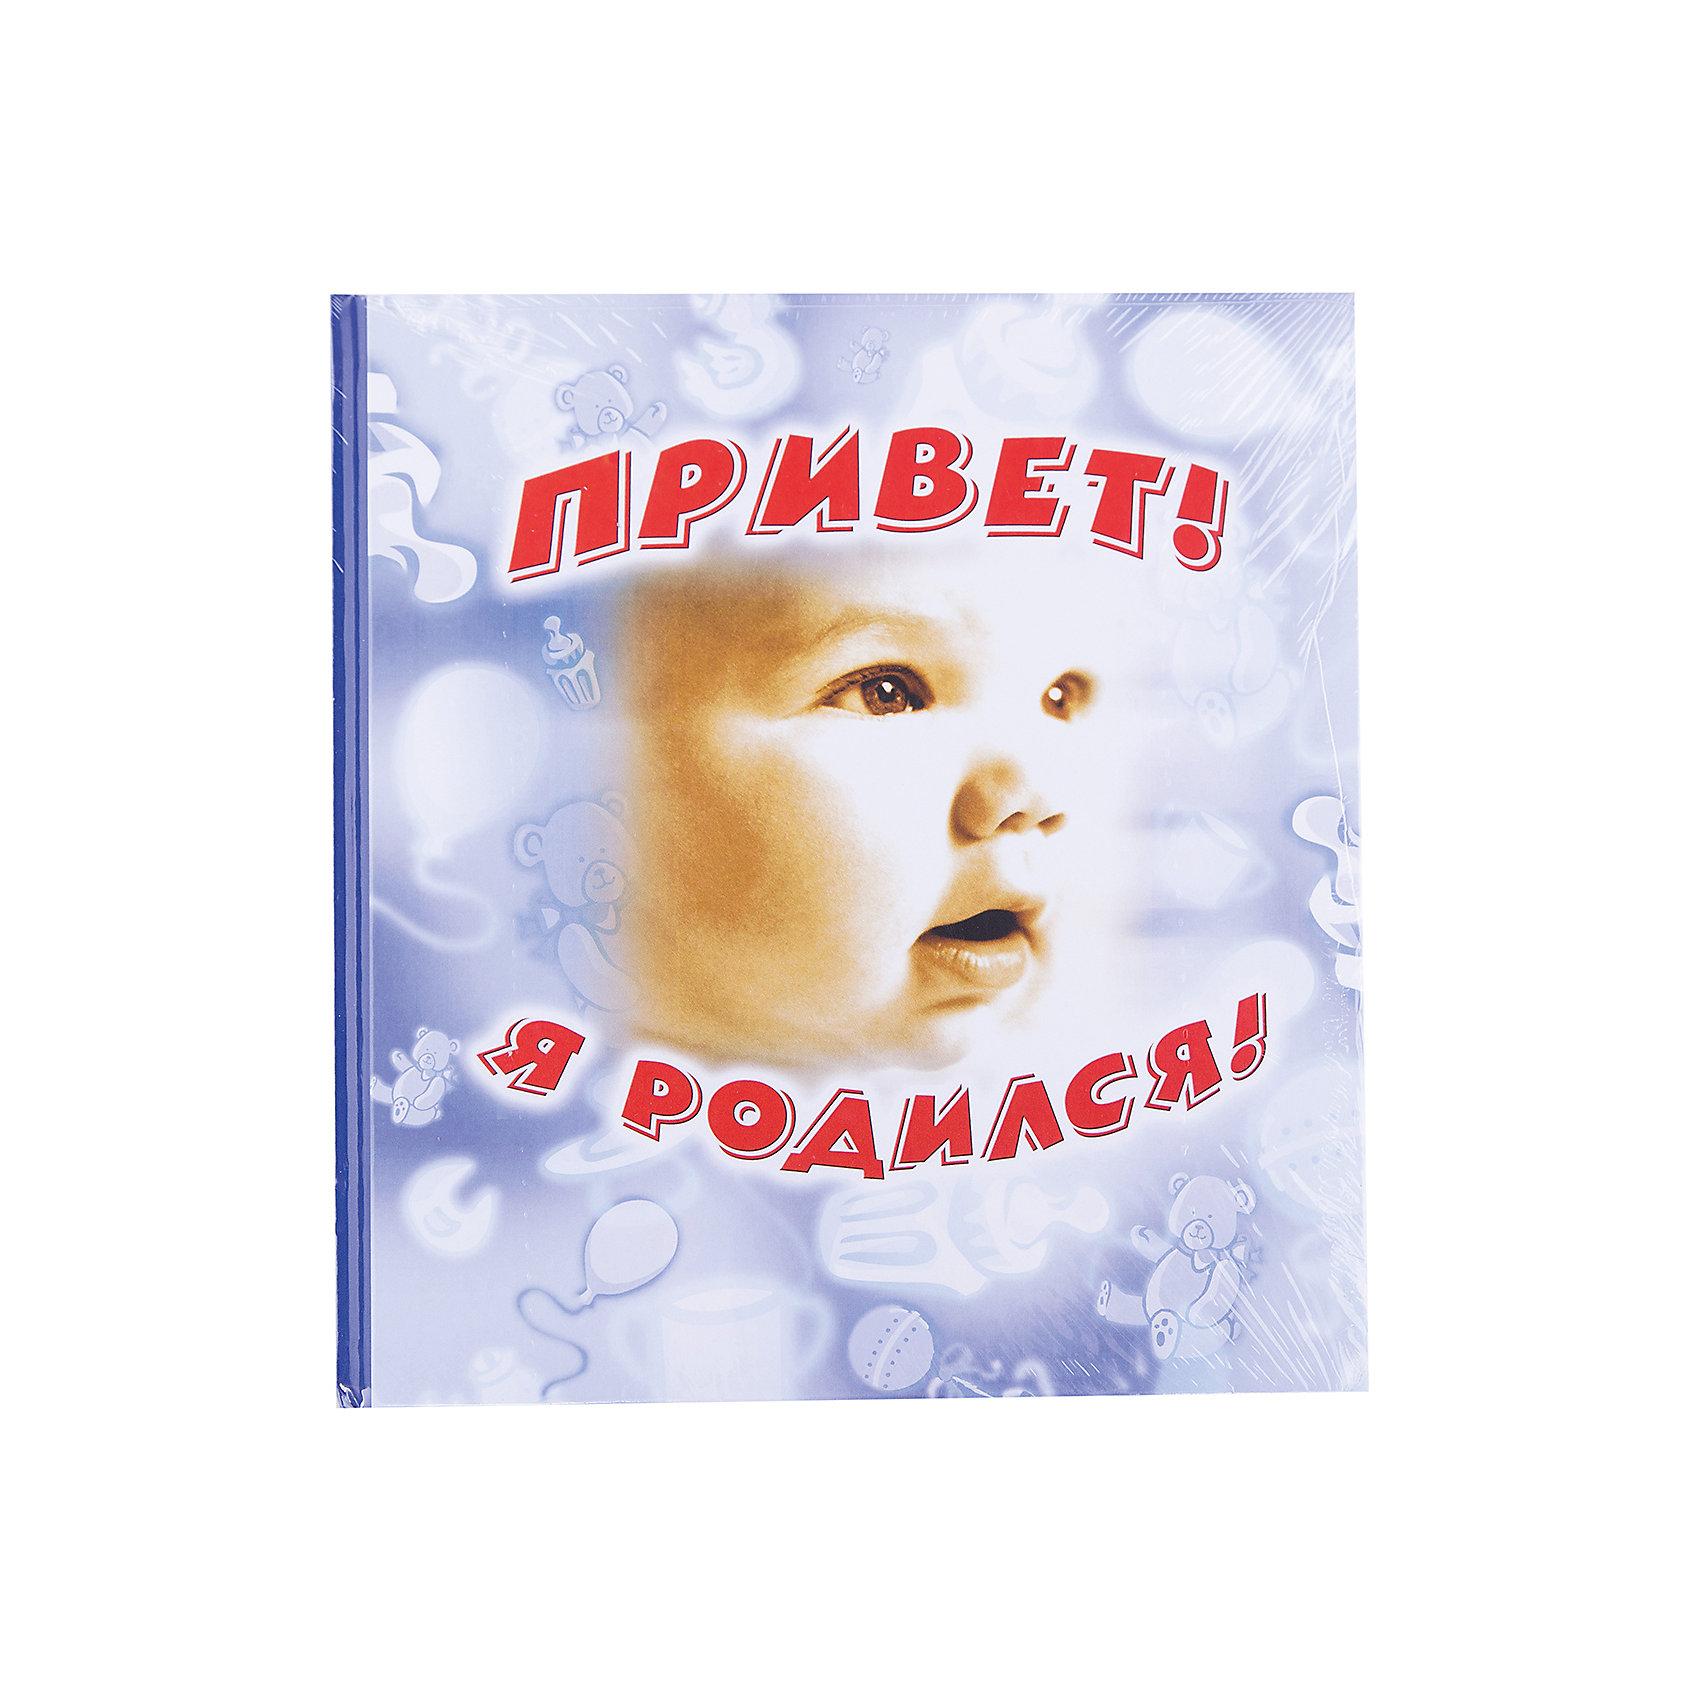 Привет, я родился! (с игрушками)Альбомы для новорожденного<br>Характеристики товара:<br><br>- цвет: разноцветный;<br>- материал: бумага, картон;<br>- формат: 27 х 14 см;<br>- страниц: 48;<br>- размер фотографий: 10 х 15 см;<br>- количество фотографий: 29;<br>- обложка: твердая.<br><br><br>Этот фотоальбом станет отличным подарком для родителей и ребенка. Он поможет сохранить самые важные моменты из жизни малыша. Каждый разворот альбома - тематический, также на страницах можно заполнить поля для записей.<br>В альбоме можно заполнить картинку семейного древа, есть поле для отпечатков ручек и ножек ребенка, страничка, где можно выстроить график роста и прибавки в весе малыша. Удобный формат и красивая обложка. Издание произведено из качественных материалов, которые безопасны даже для самых маленьких.<br><br>Издание Привет, я родился! (с игрушками) от компании Росмэн можно купить в нашем интернет-магазине.<br><br>Ширина мм: 240<br>Глубина мм: 270<br>Высота мм: 15<br>Вес г: 390<br>Возраст от месяцев: 0<br>Возраст до месяцев: 36<br>Пол: Мужской<br>Возраст: Детский<br>SKU: 5110144